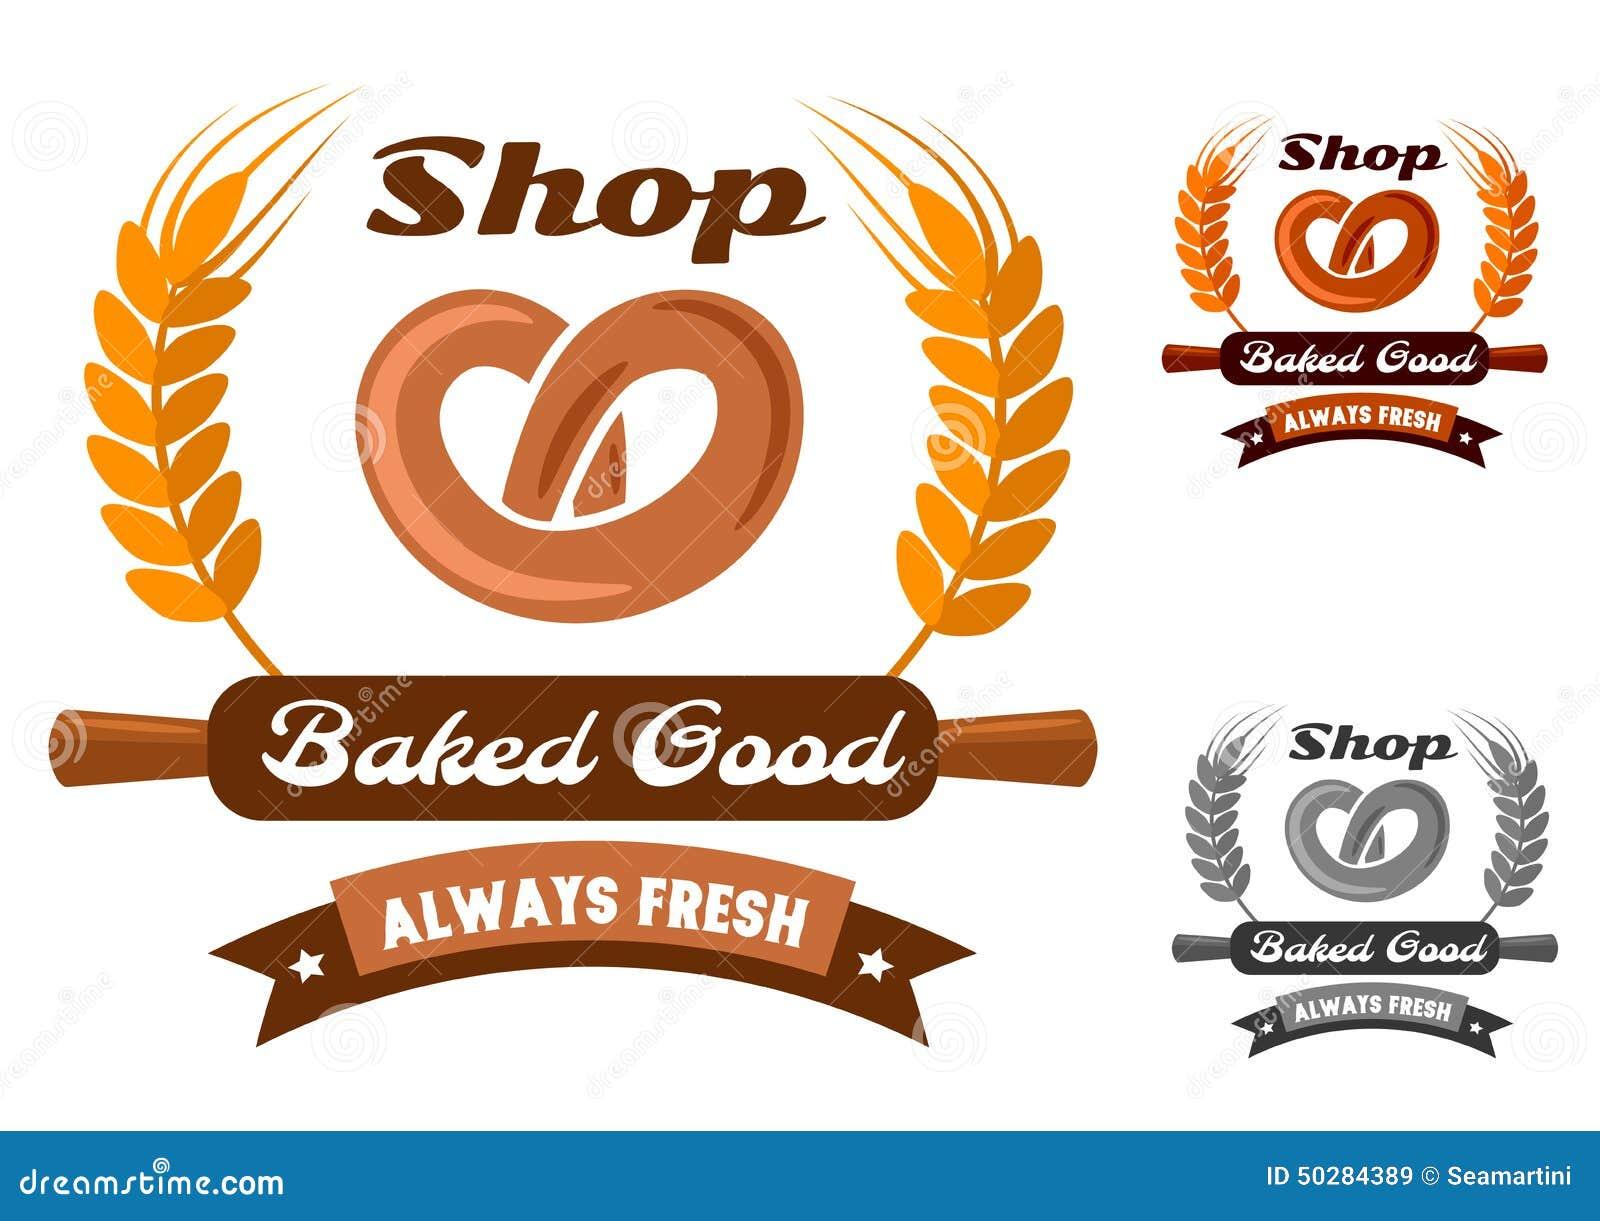 Bakery Shop Emblem Or Logo With Pretzel Stock Vector